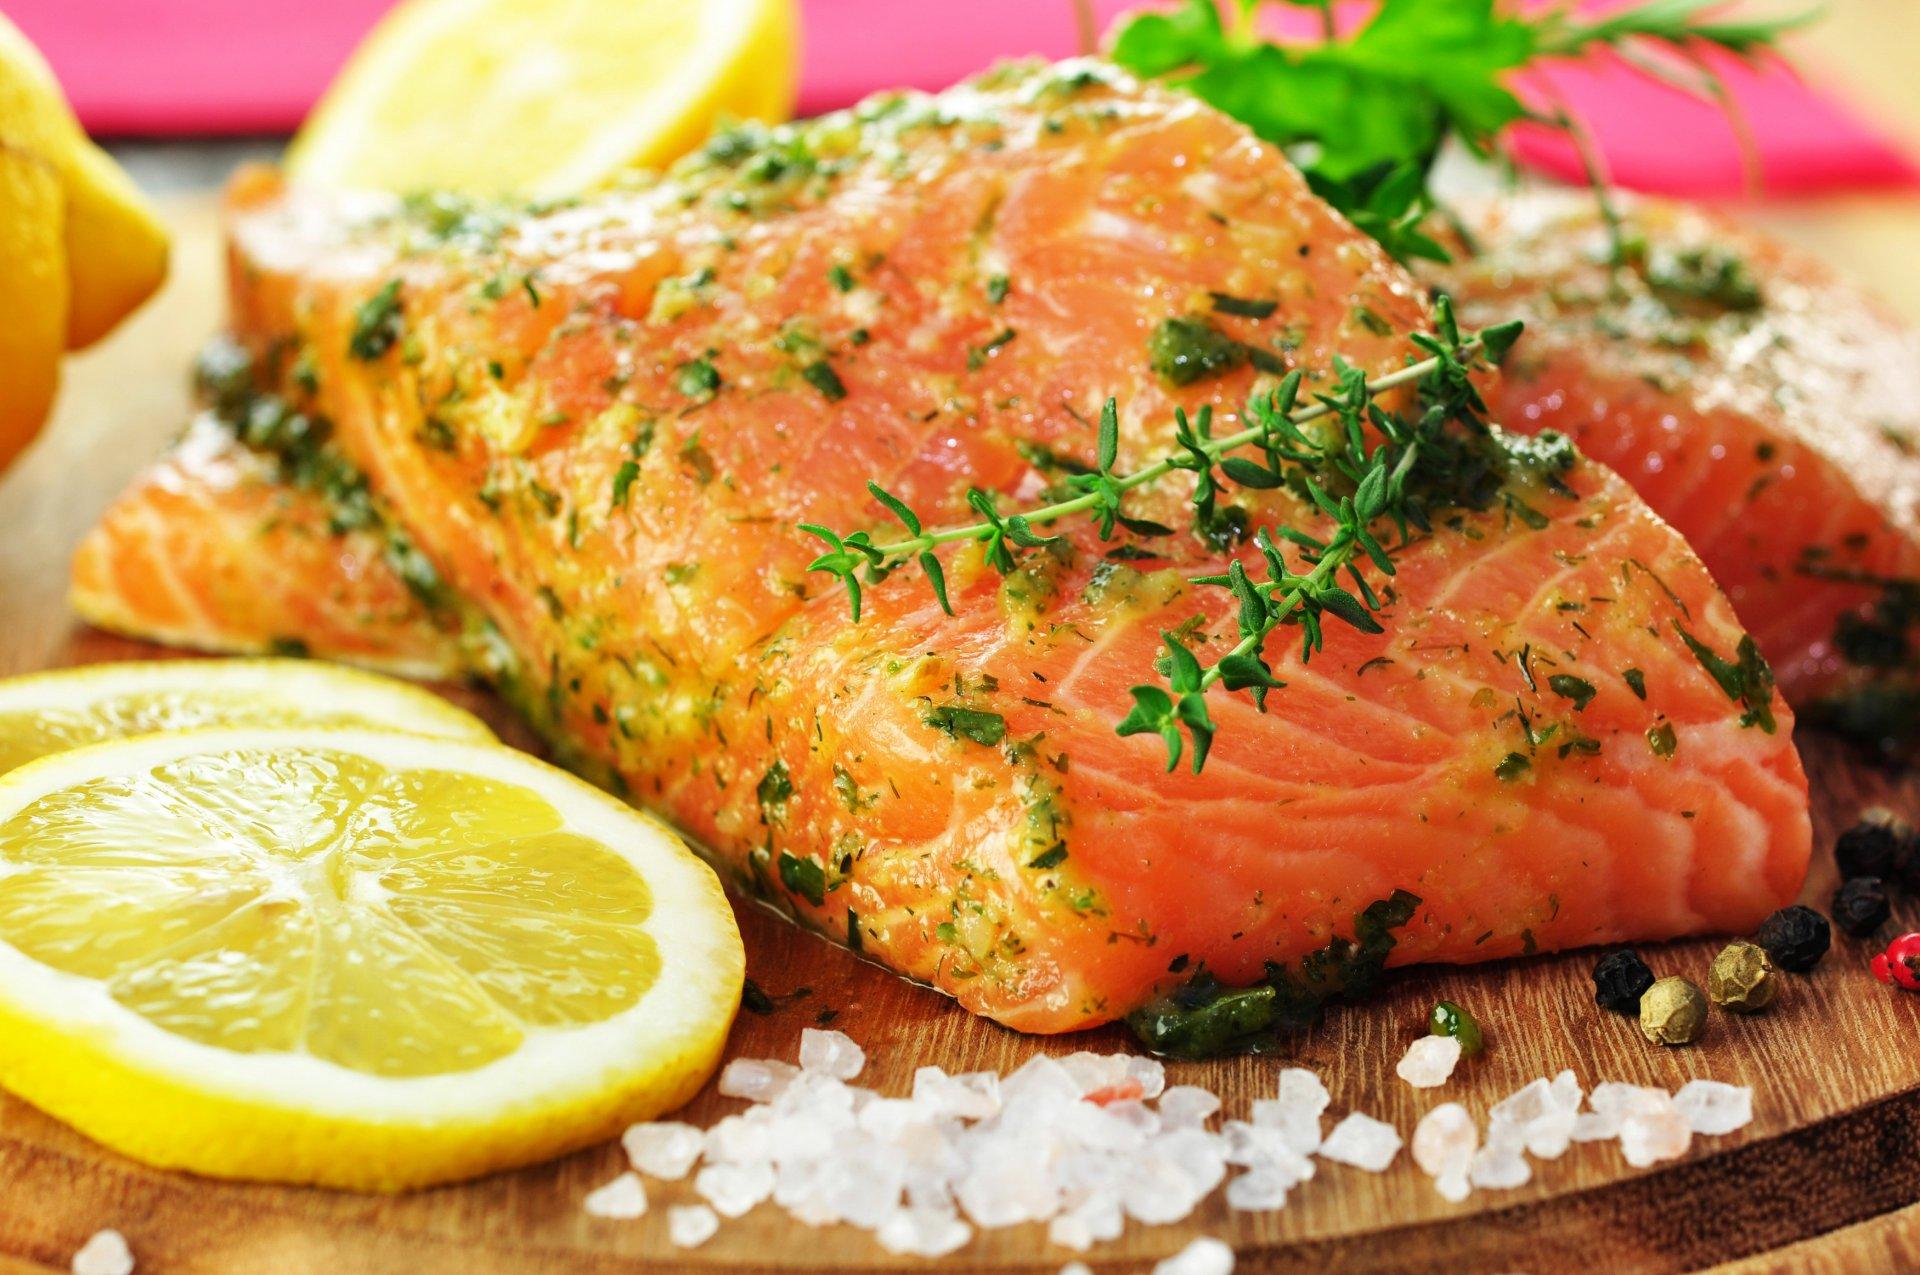 Значит ли это, что остальные рыбные блюда не так хороши?